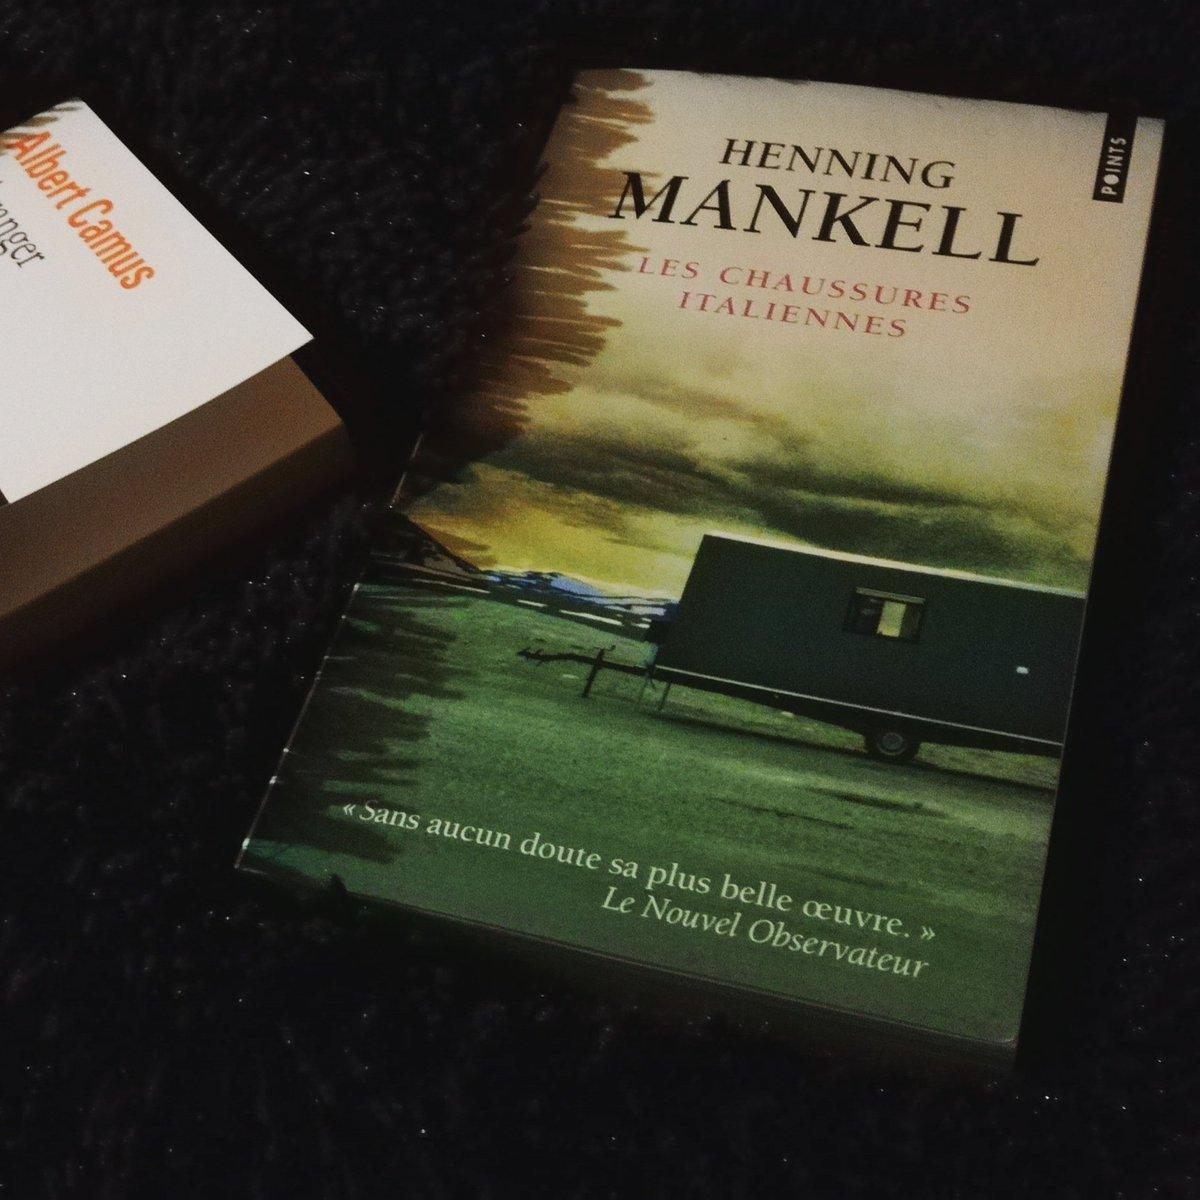 c61c7dd7a03f74 Deal: tu termines ton cours sur Camus avant 23:00 et tu as le droit de  commencer Les Chaussures italiennes. #deal #livre #reading #lecture #roman  ...